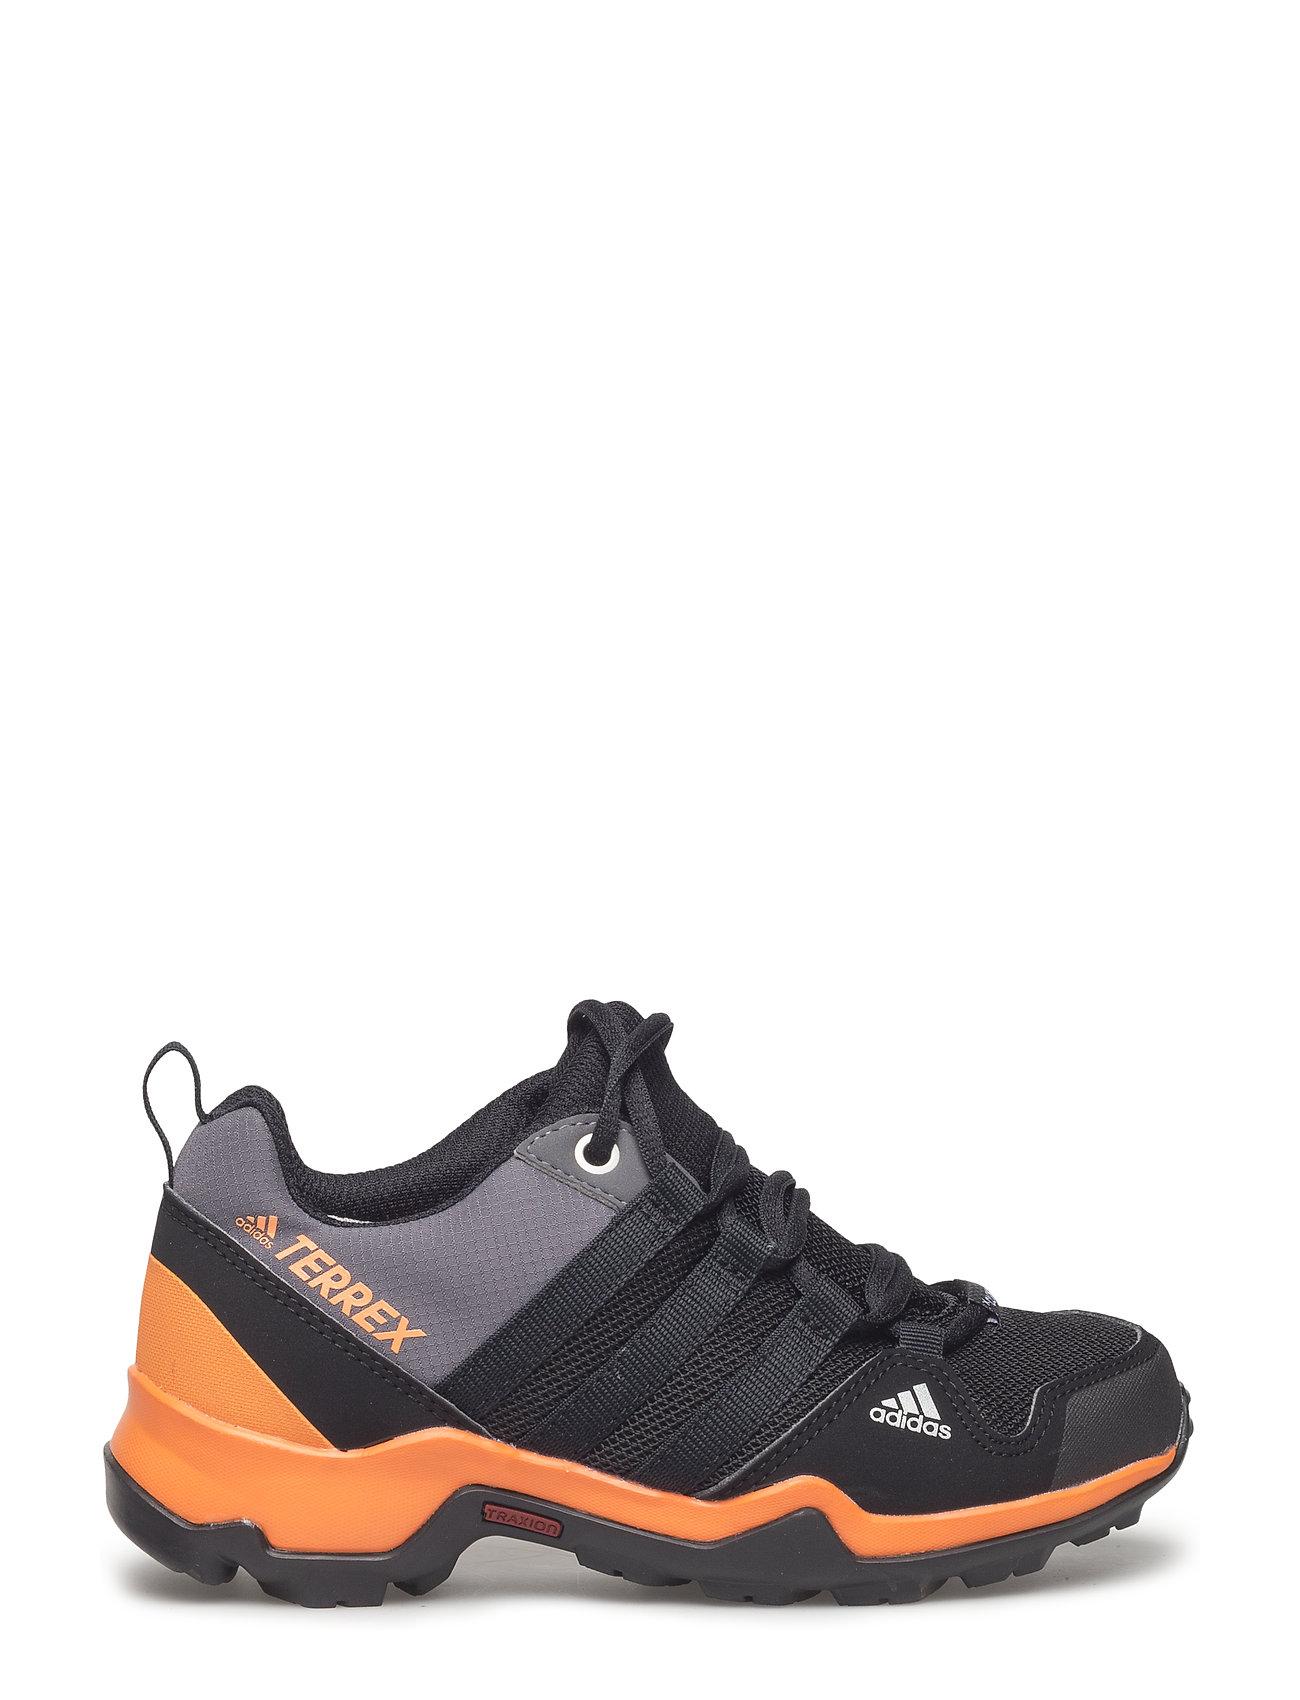 best service 0d521 89080 Adidas ALE Kengat netistä   Nyt jopa -60%   SPOT-A-SHOP